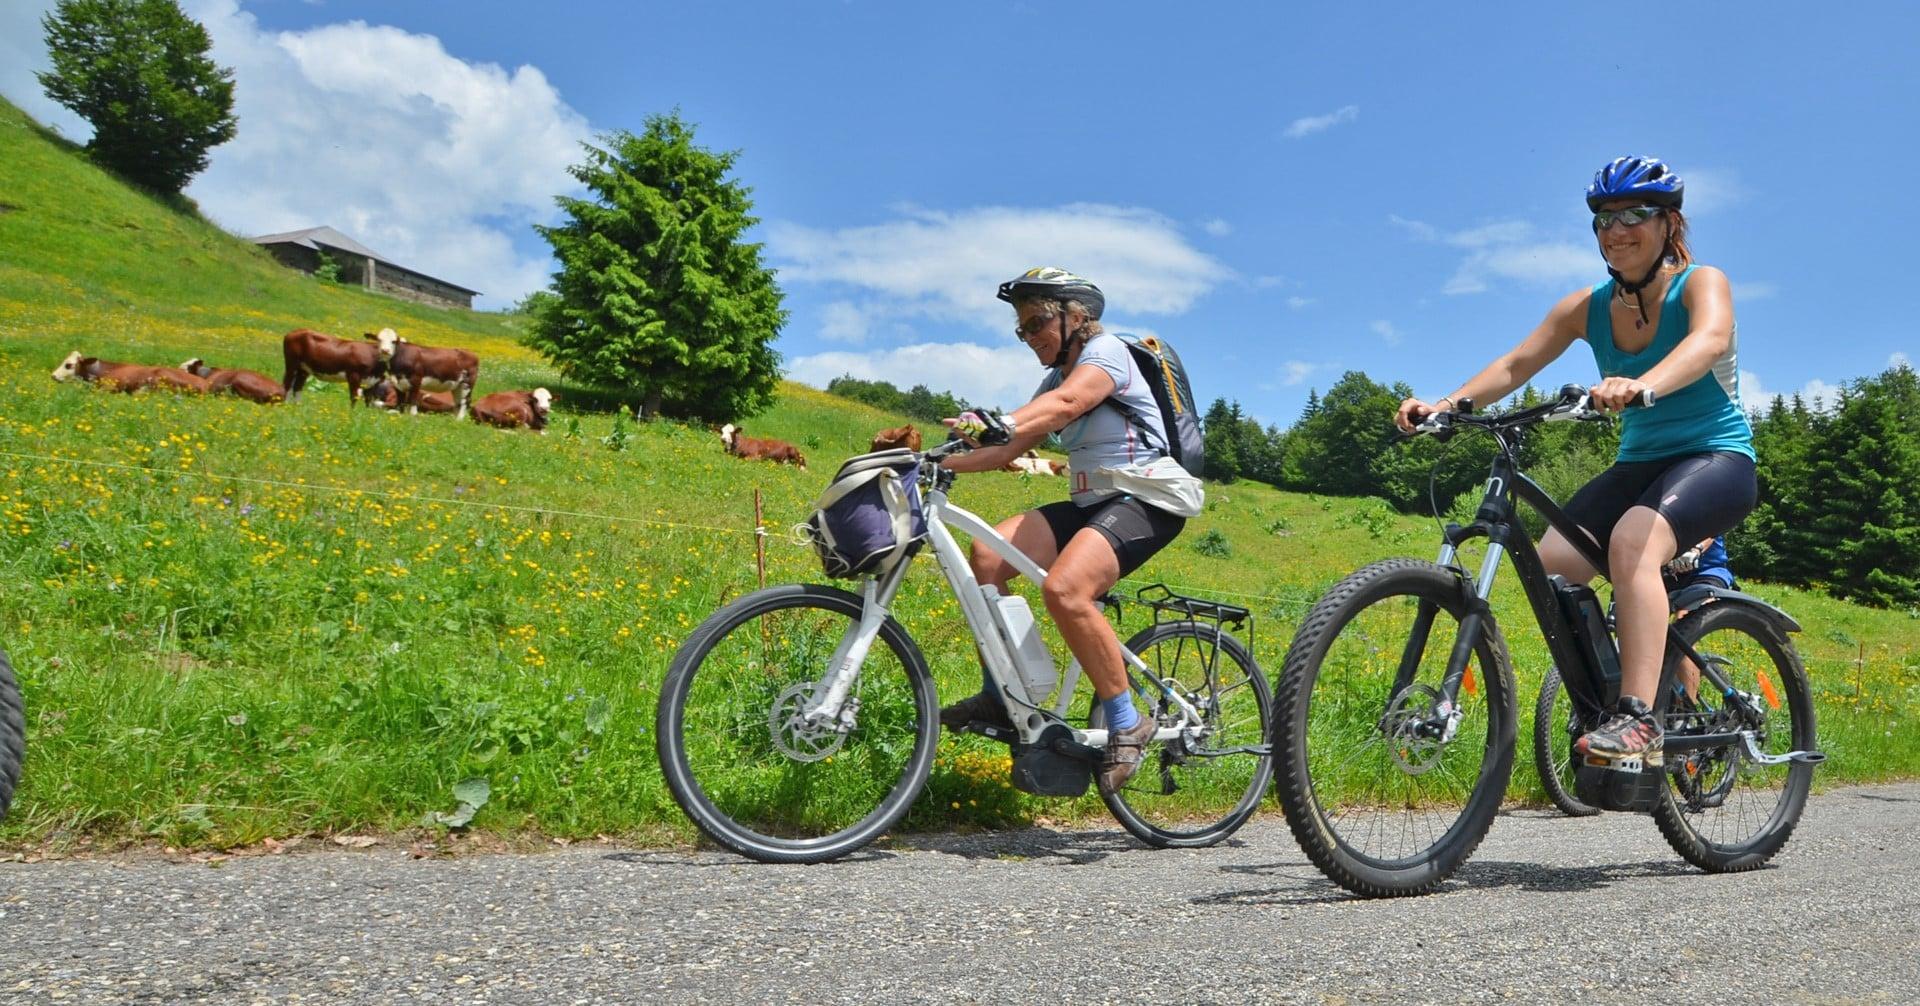 Un tour avec des vélos électriques